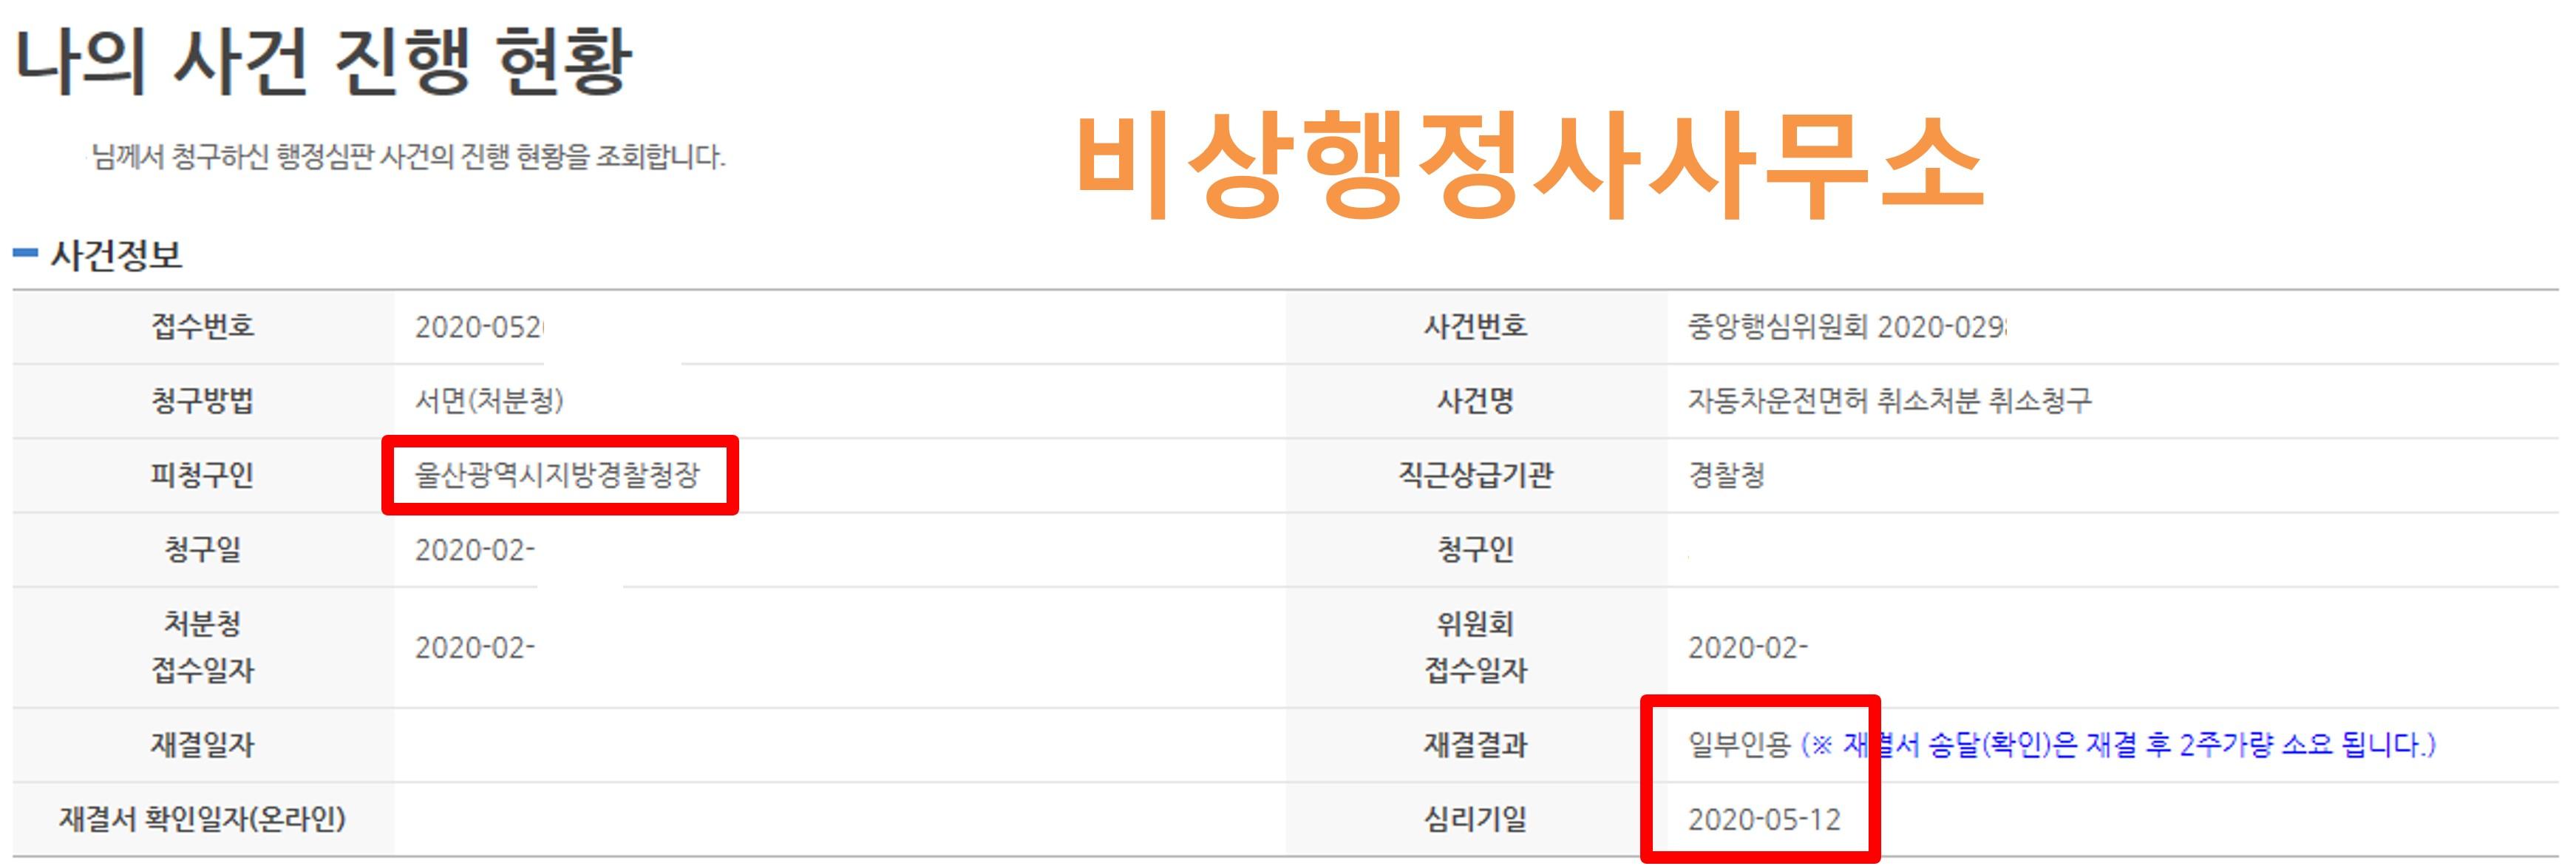 20200512결과(최)_울산.jpg